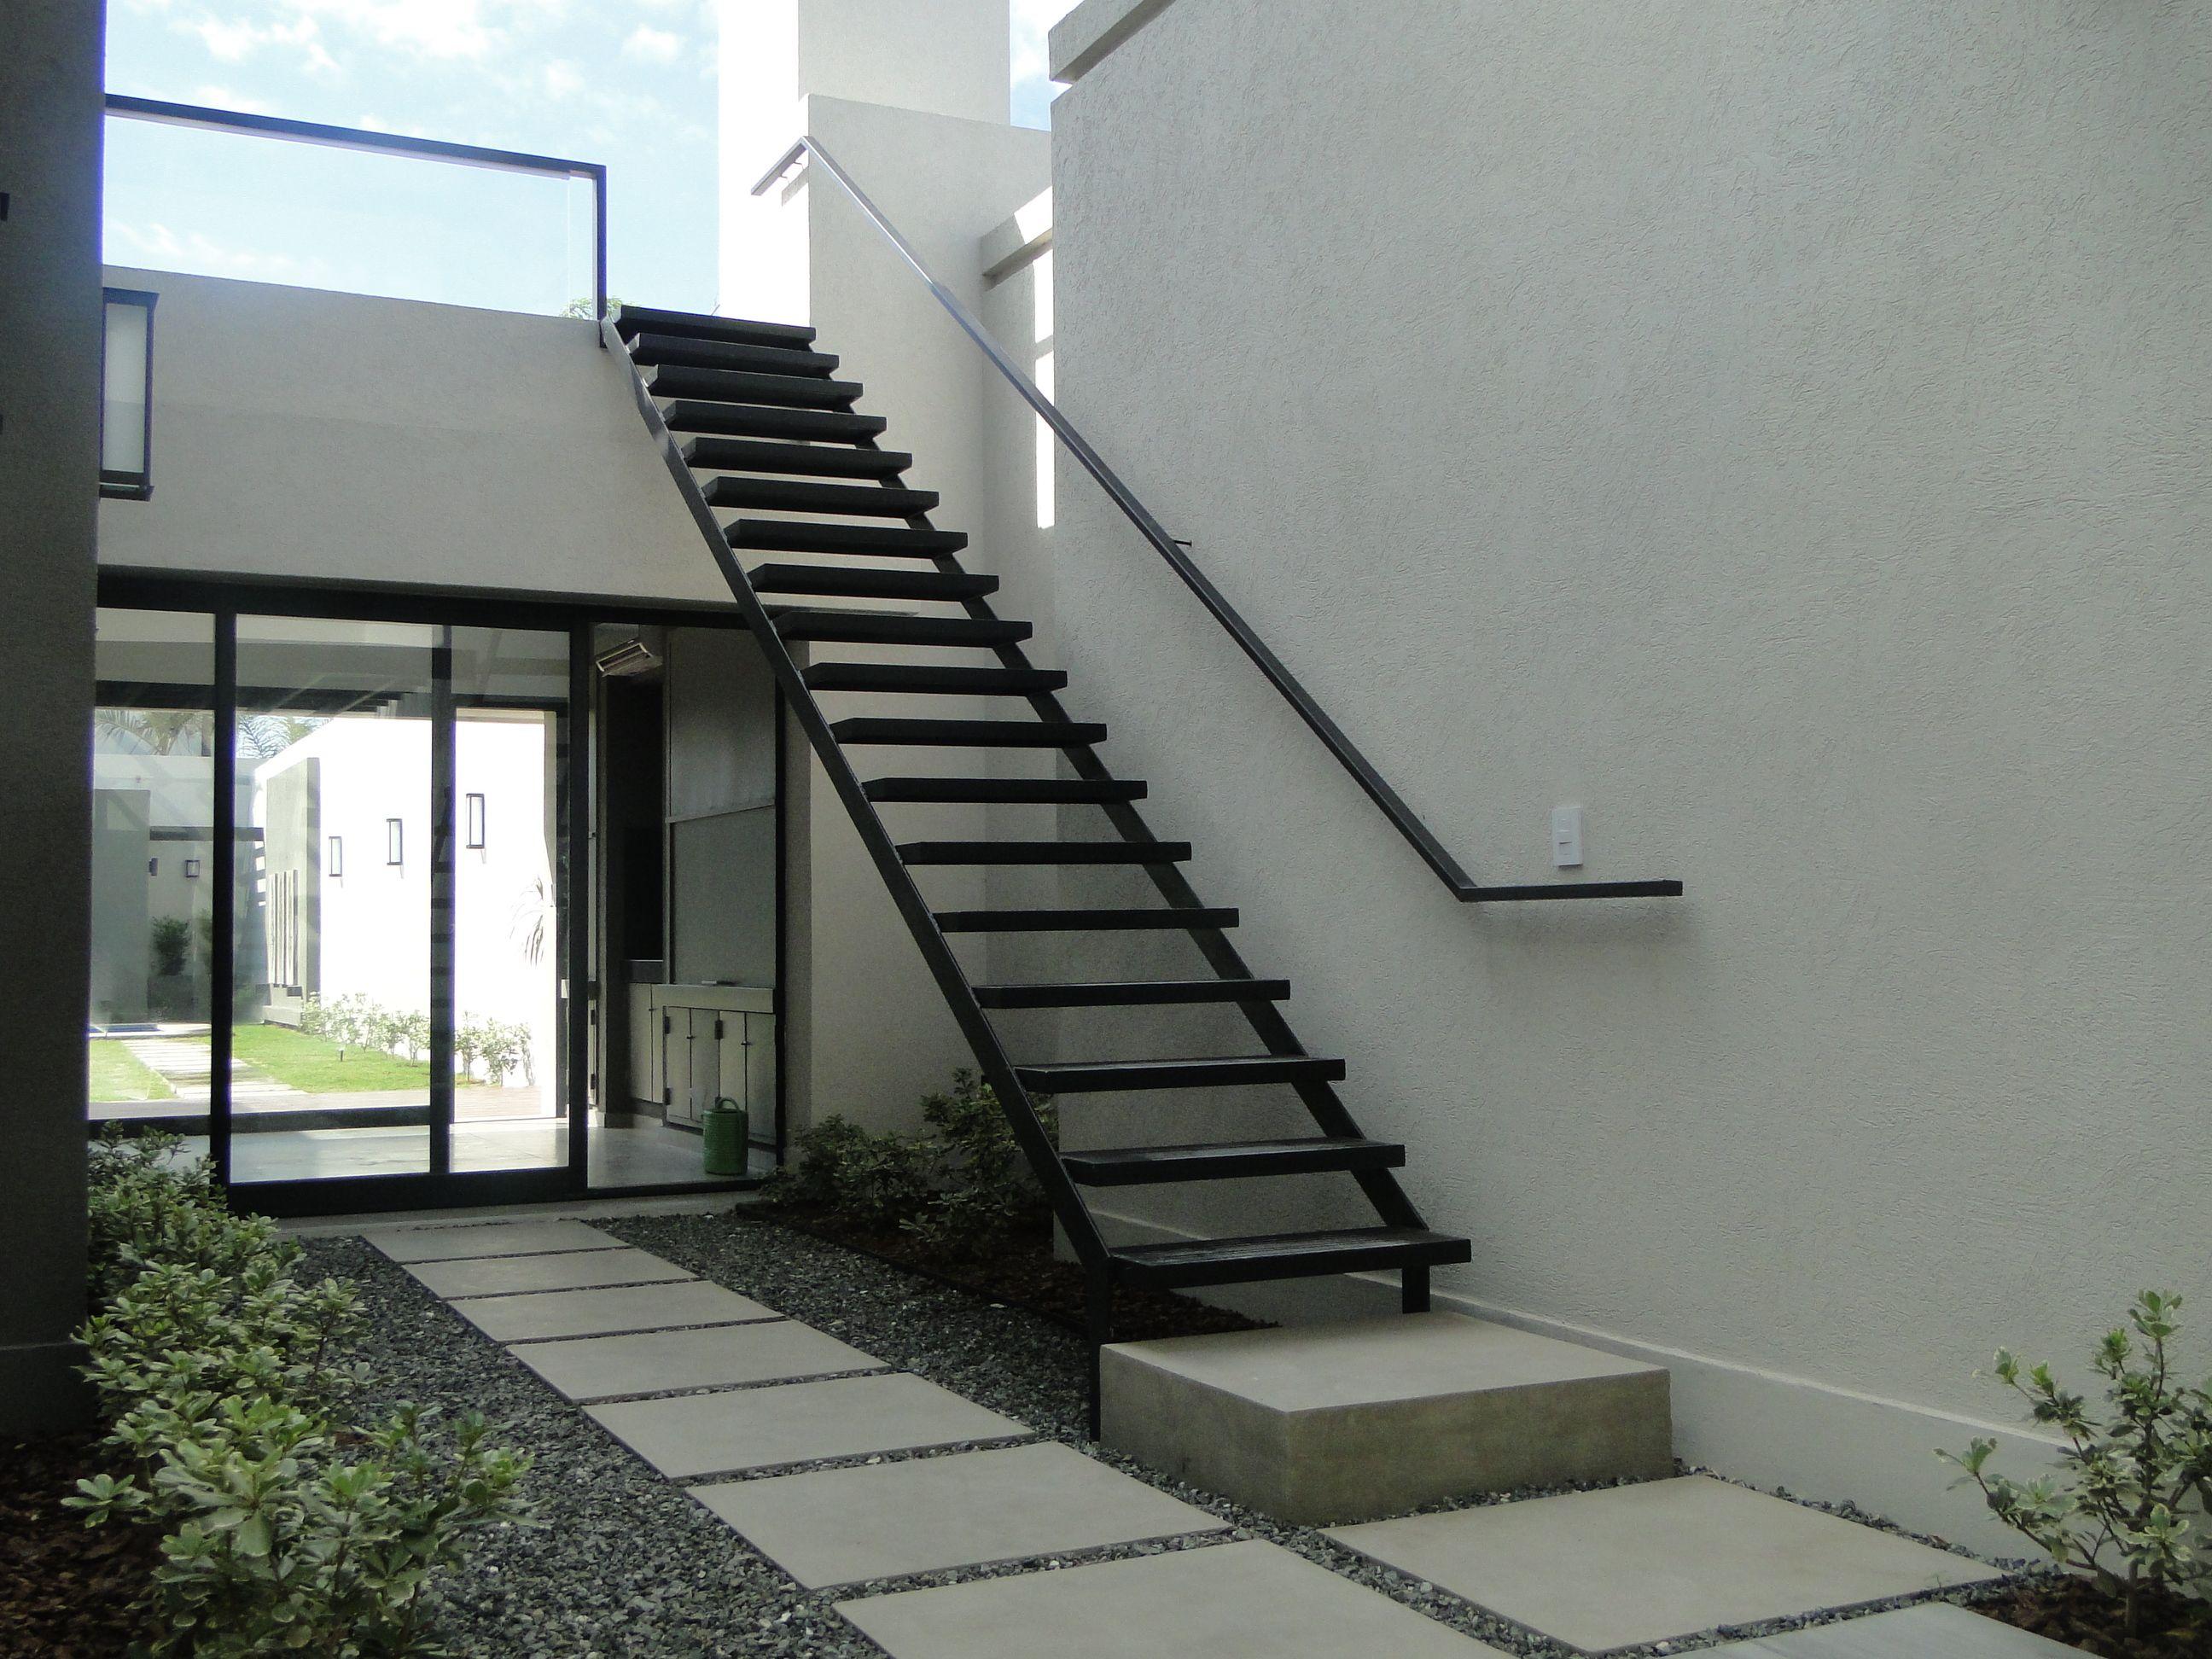 Escalera metalica y patio interior escaleras en 2019 - Precio escaleras interiores ...